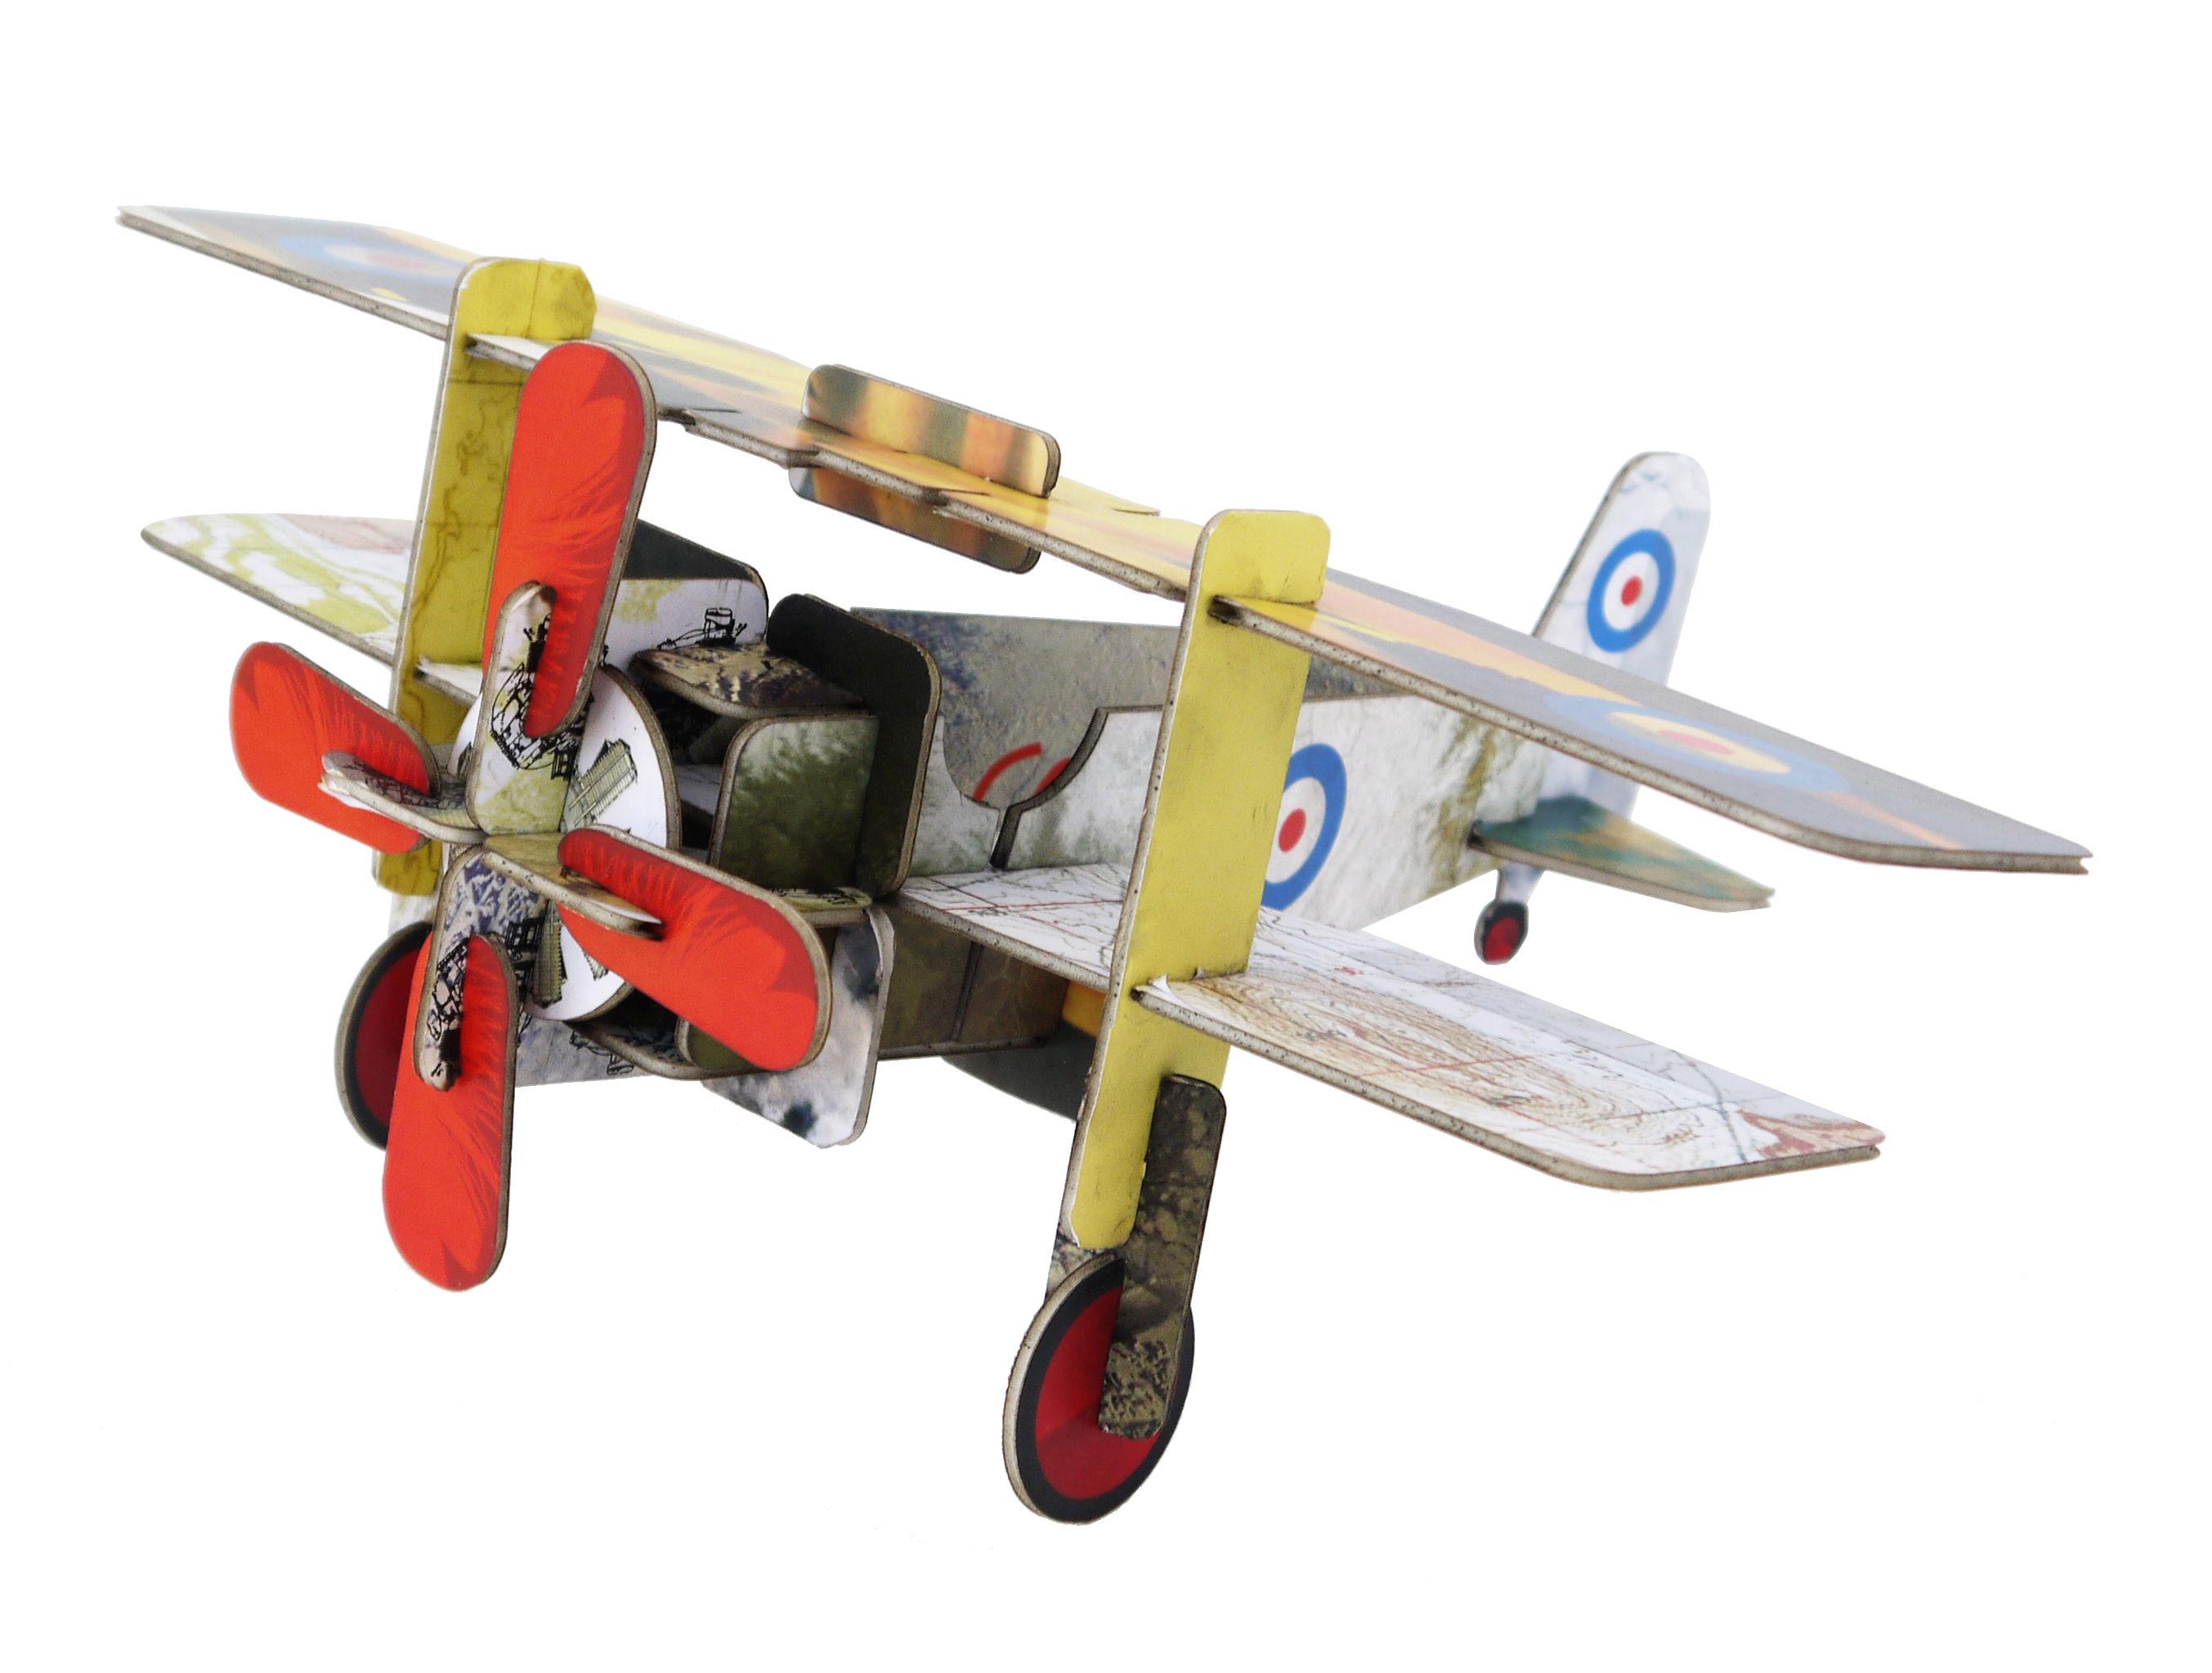 Déco - Pour les enfants - Figurine à construire Play! Avion / Carton - studio ROOF - Avion / Multicolore - Carton recyclé